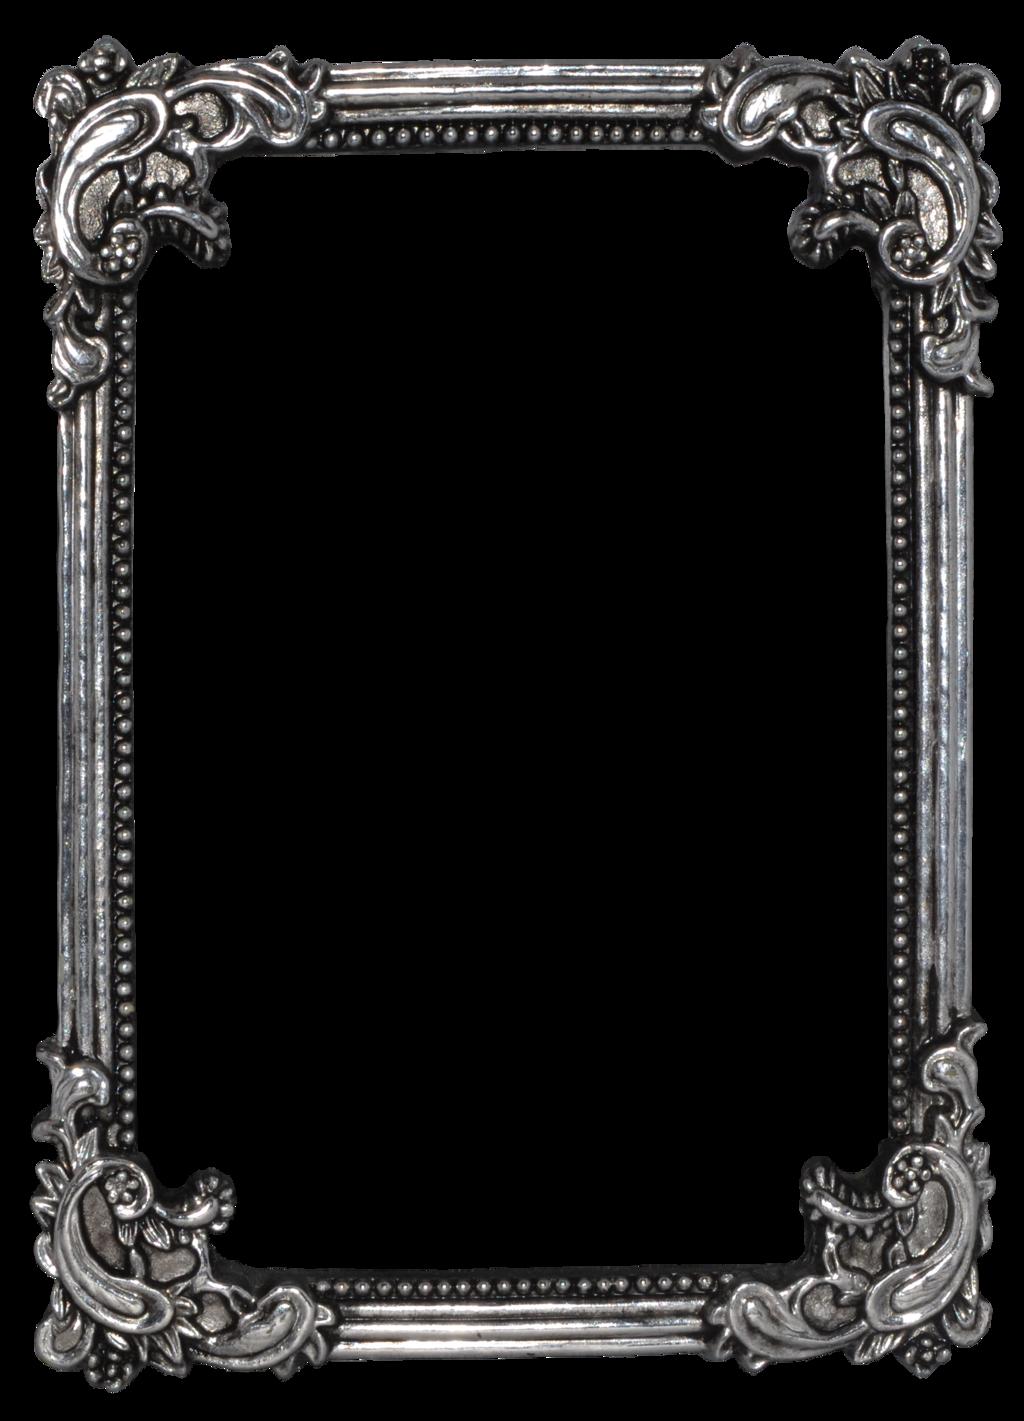 Download PNG Image - Vintage Frame Png - PNG Frames For Pictures